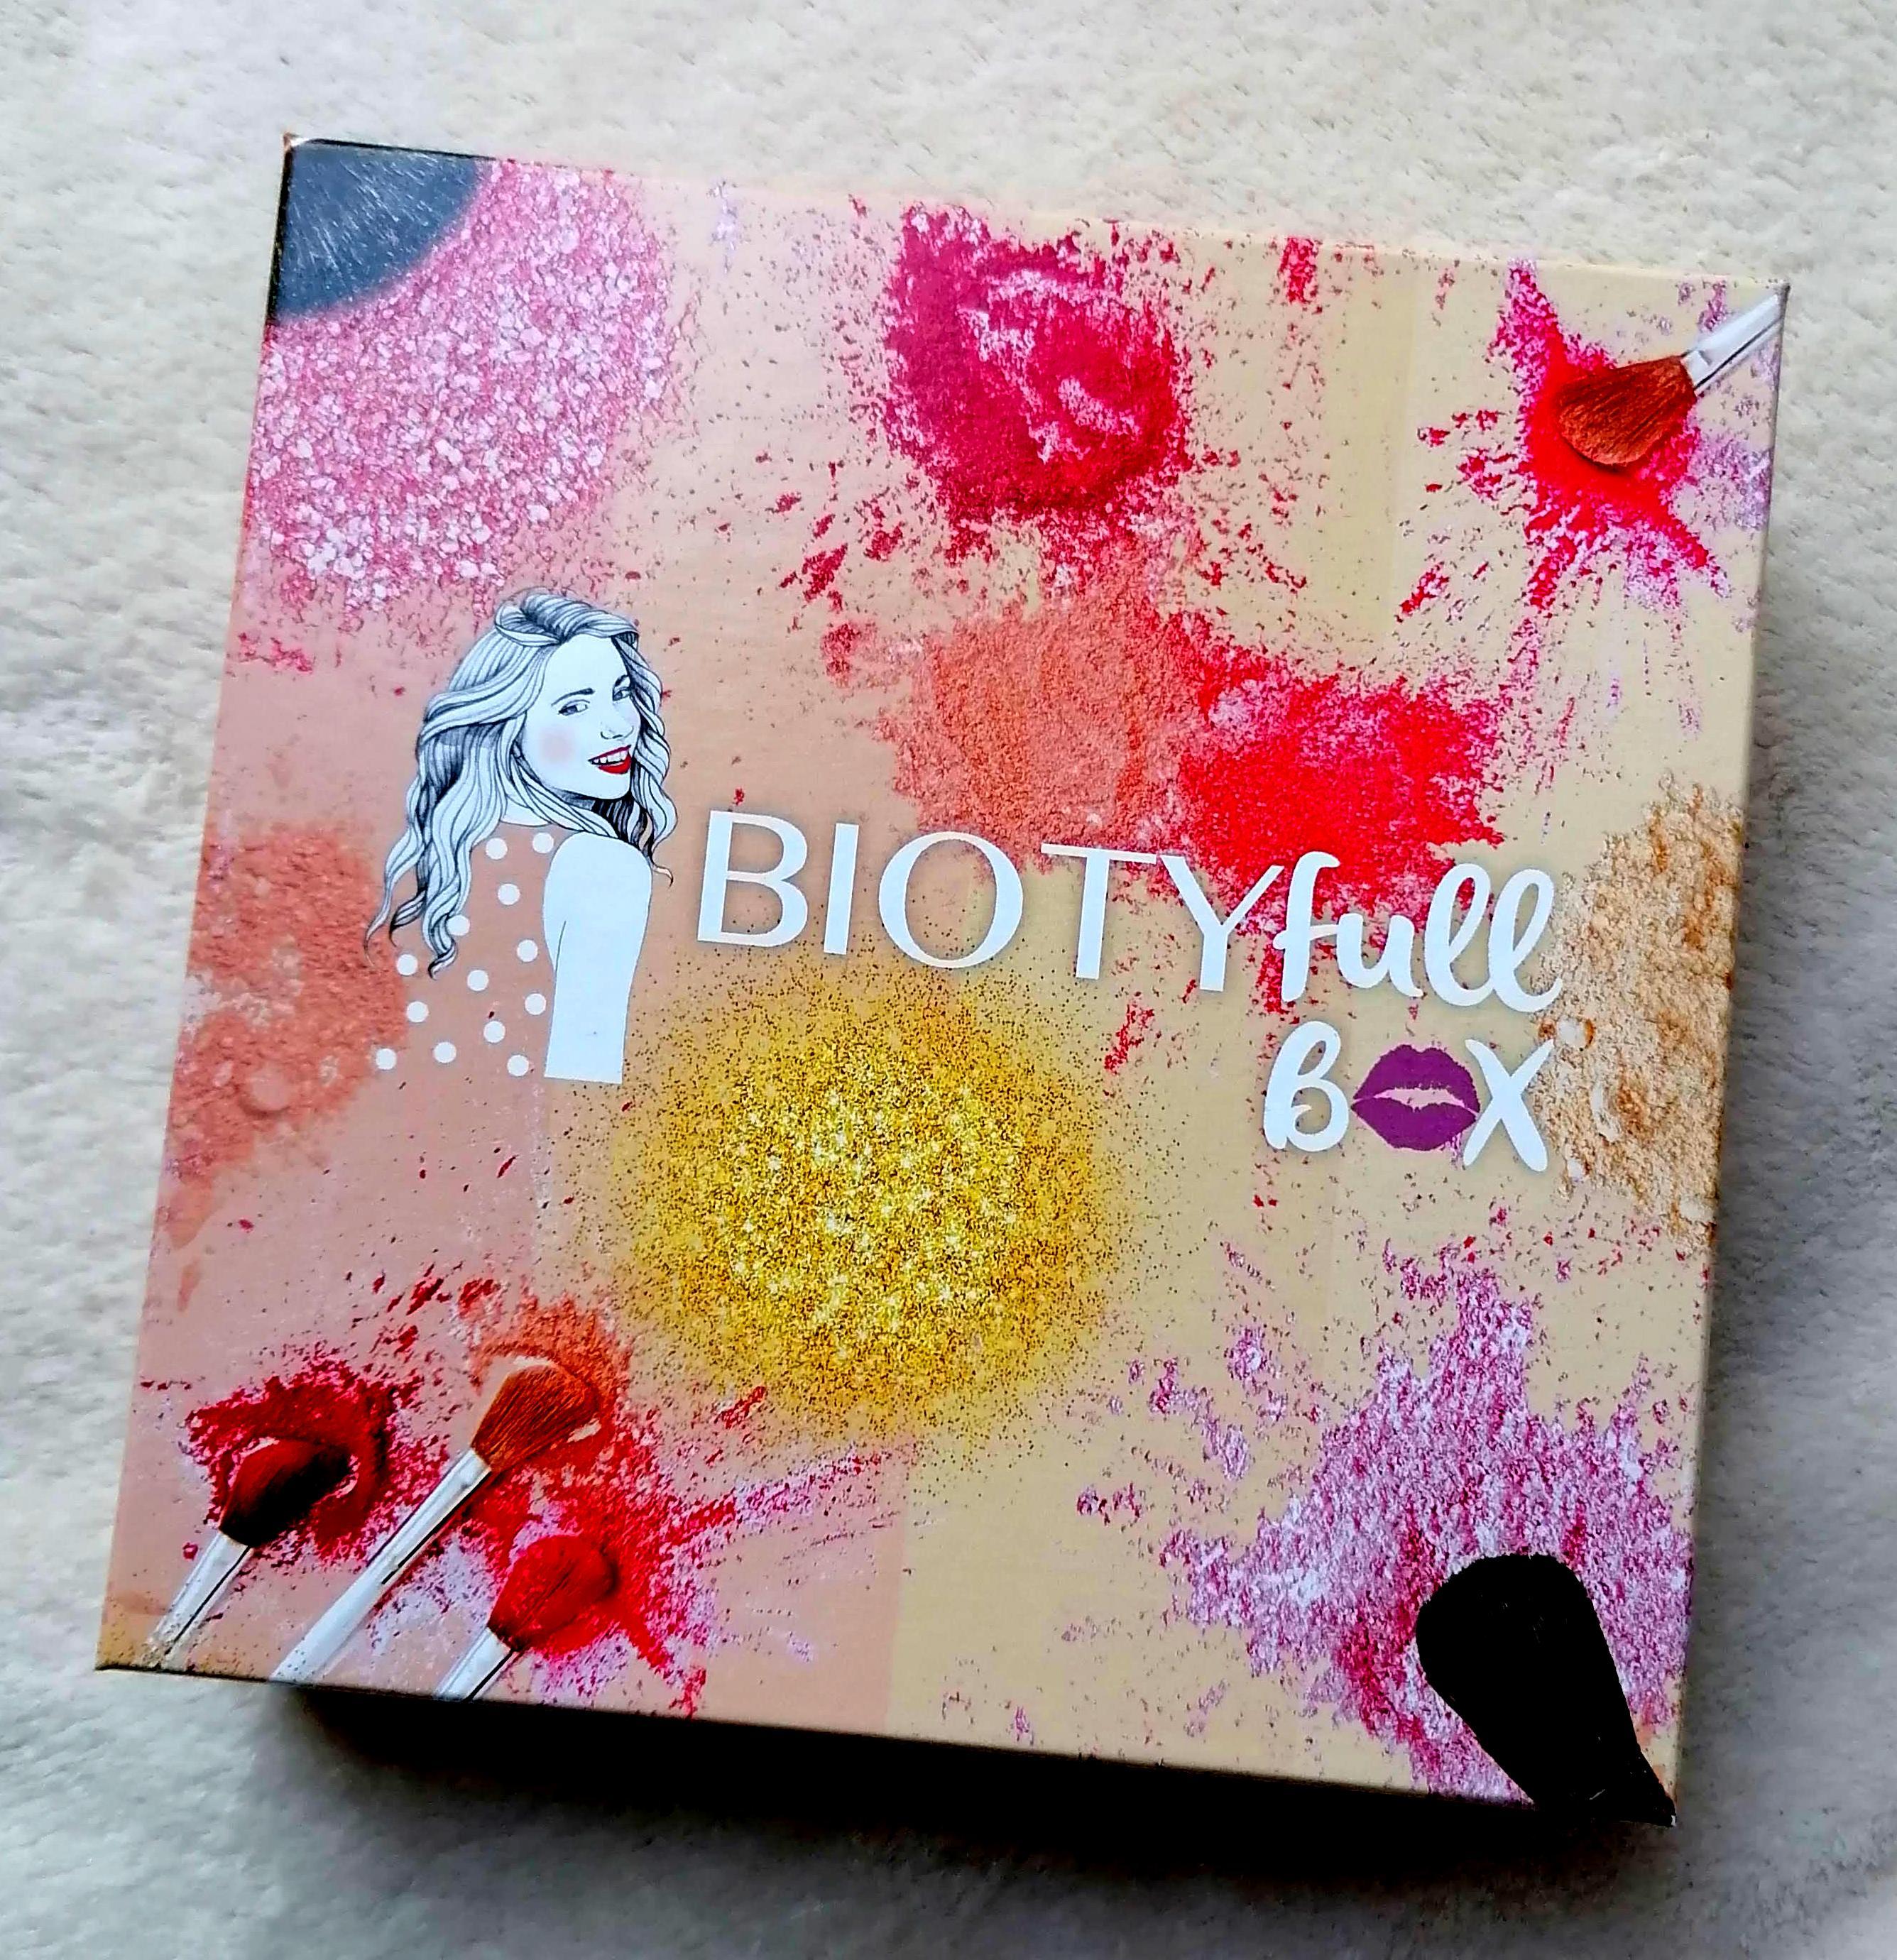 BIOTYfull Box Octobre 2020 : Teint parfait!